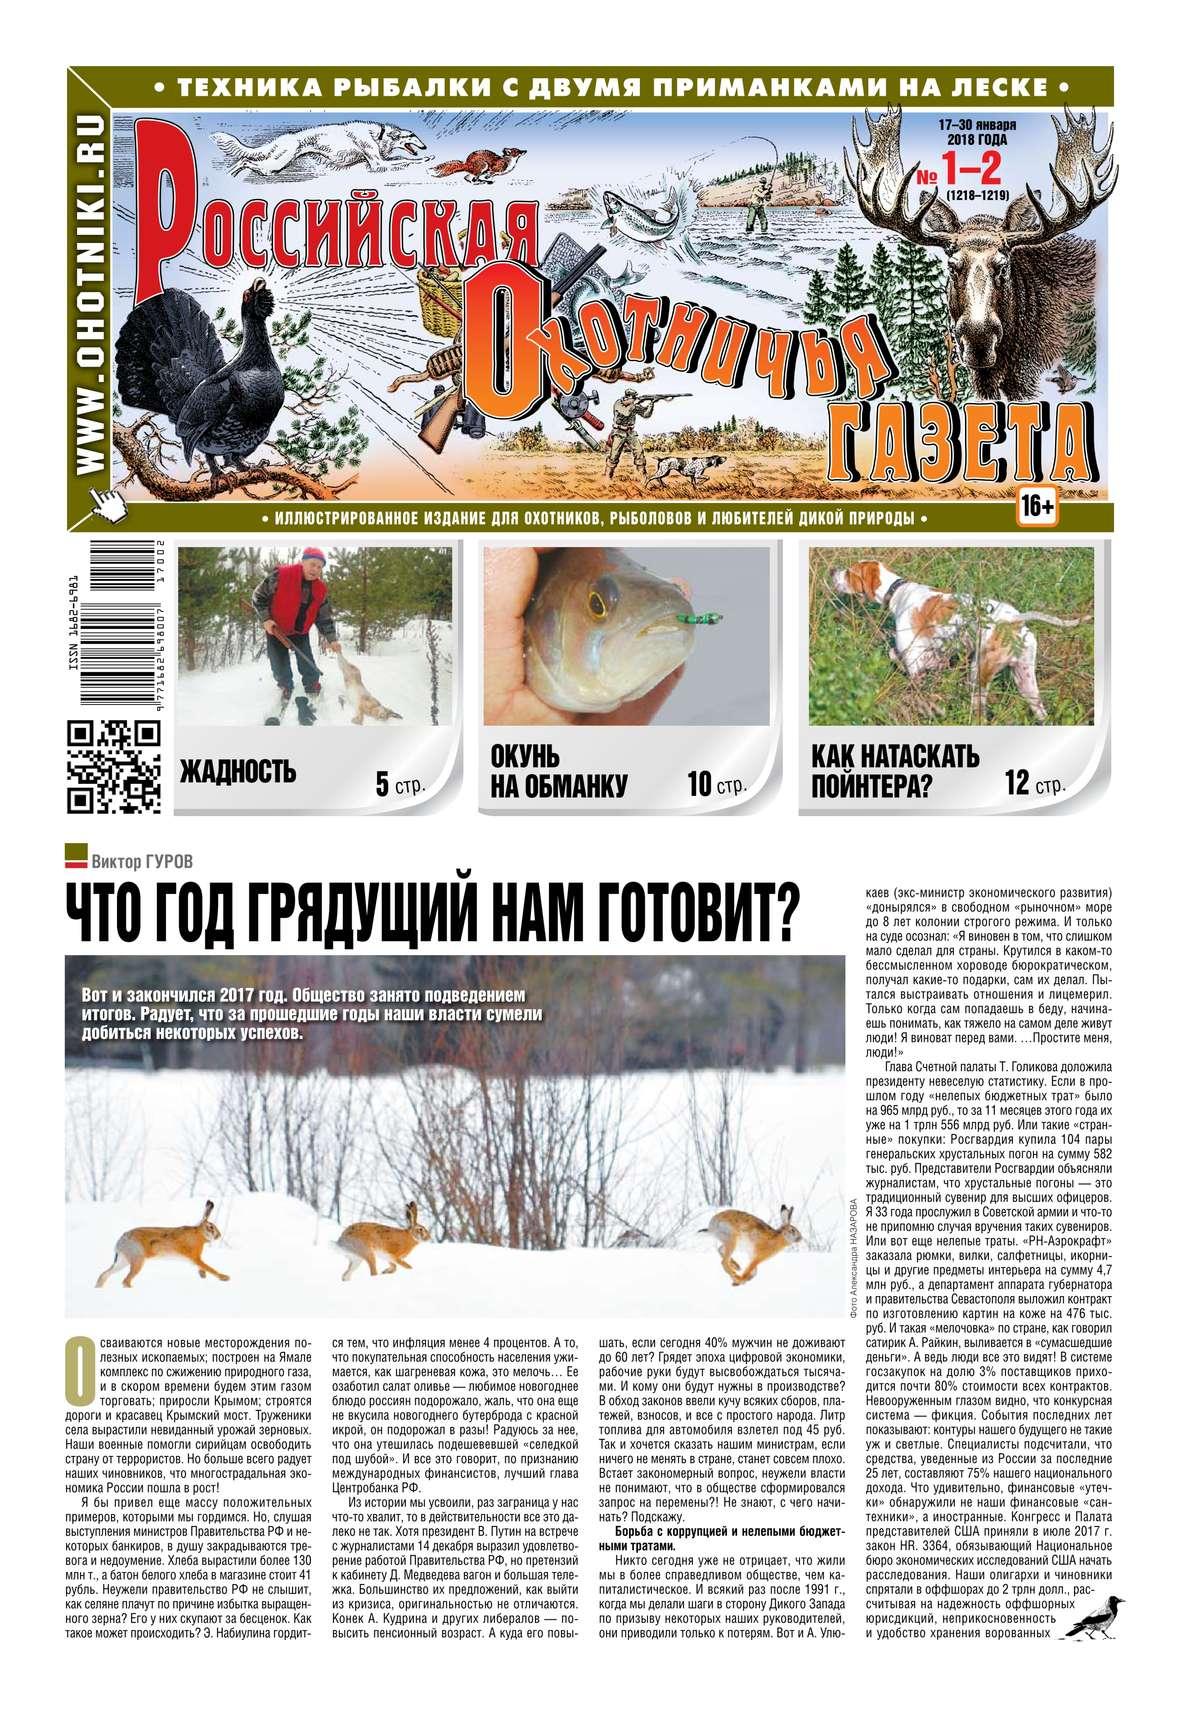 Редакция газеты Российская Охотничья Газета Российская Охотничья Газета 01-02-2018 цены